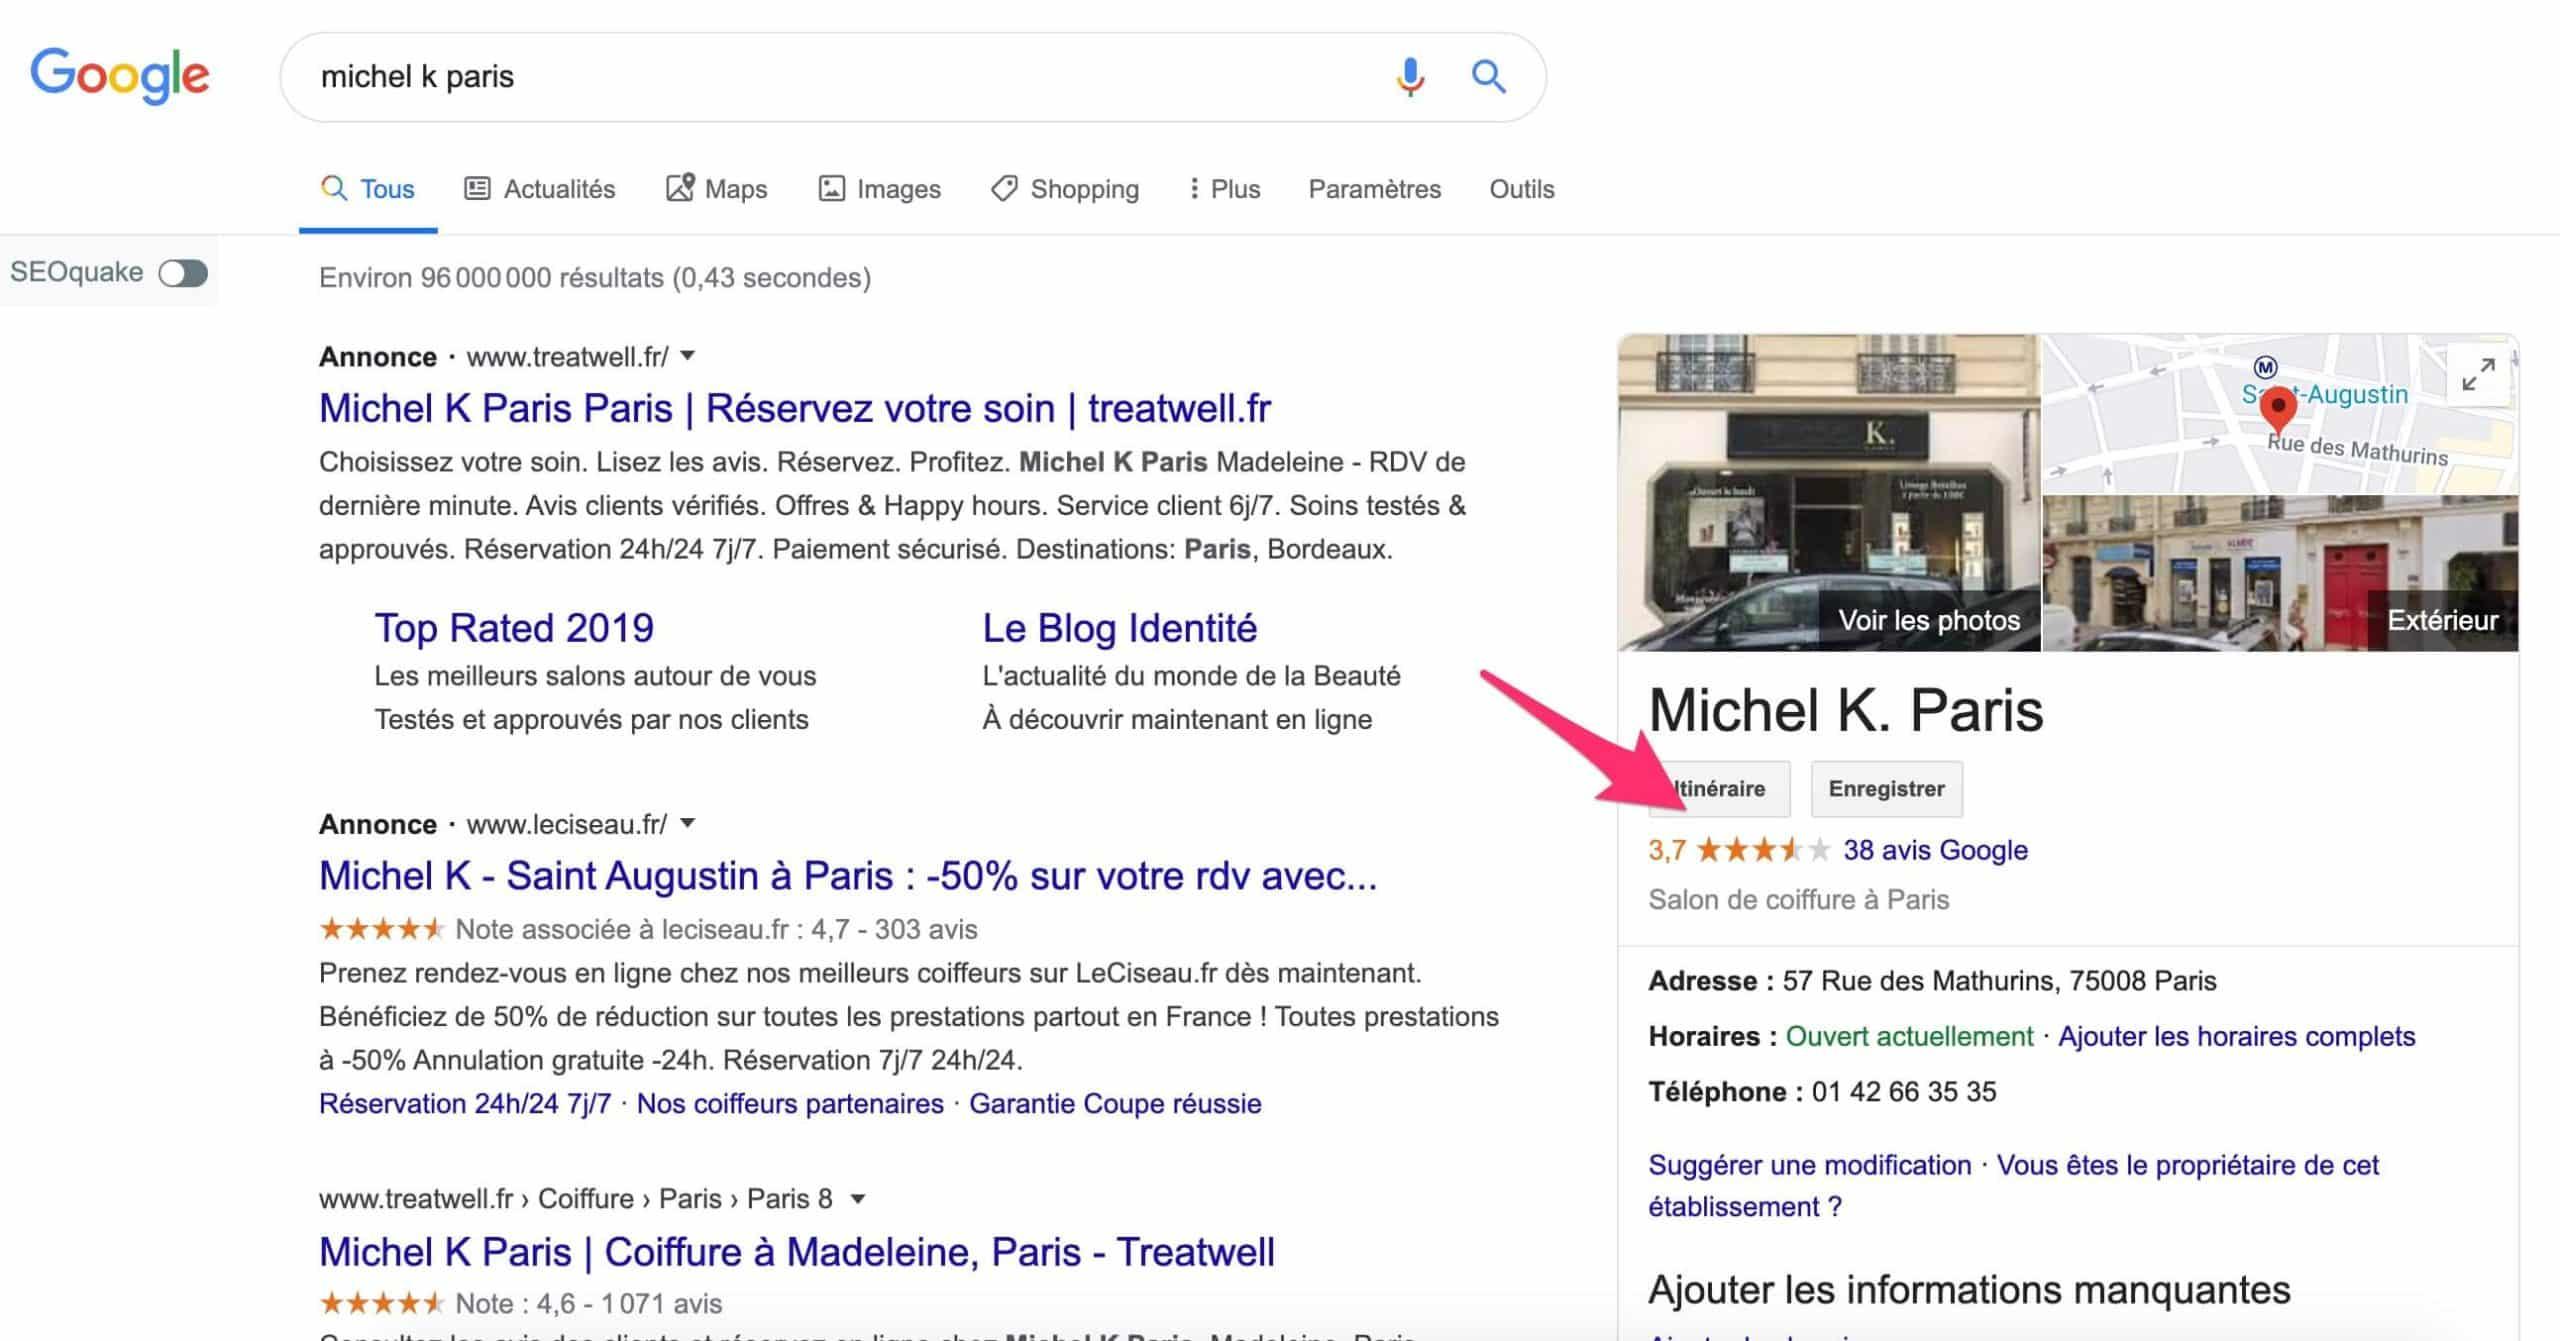 Google avis clients : comment obtenir plus d'avis simplement